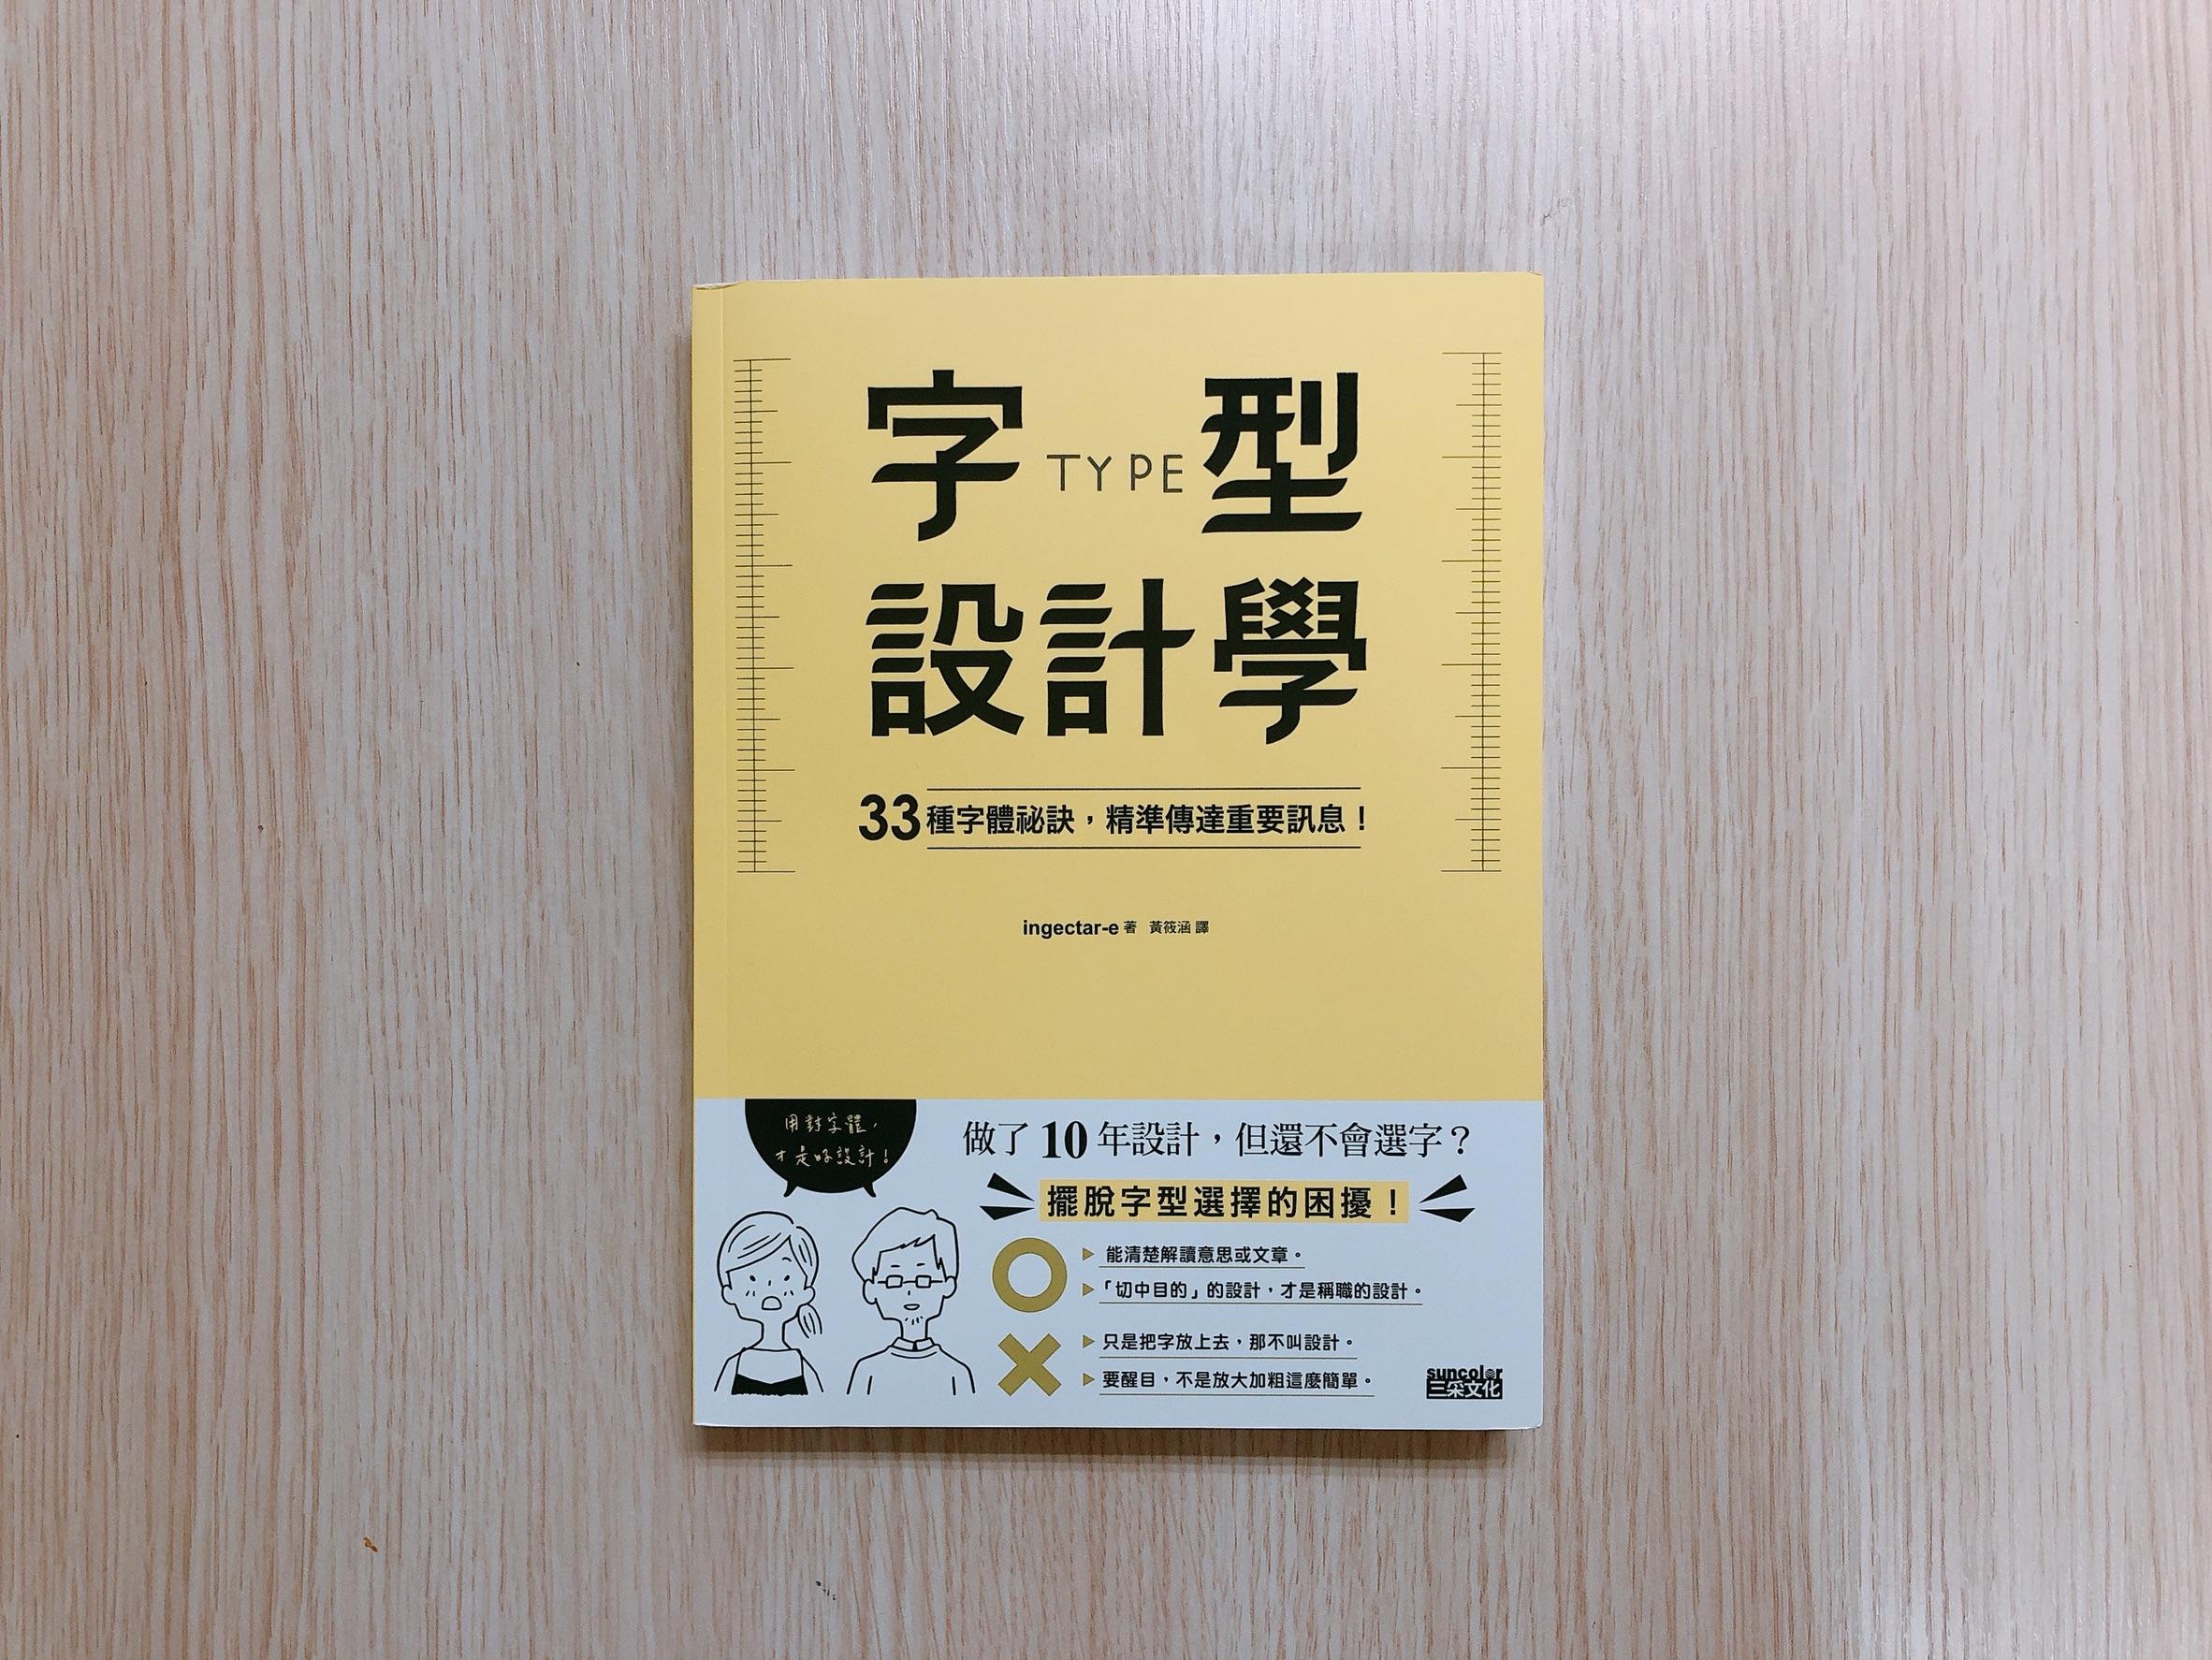 咖啡店的開幕宣傳 DM | 字型設計學-捷可印